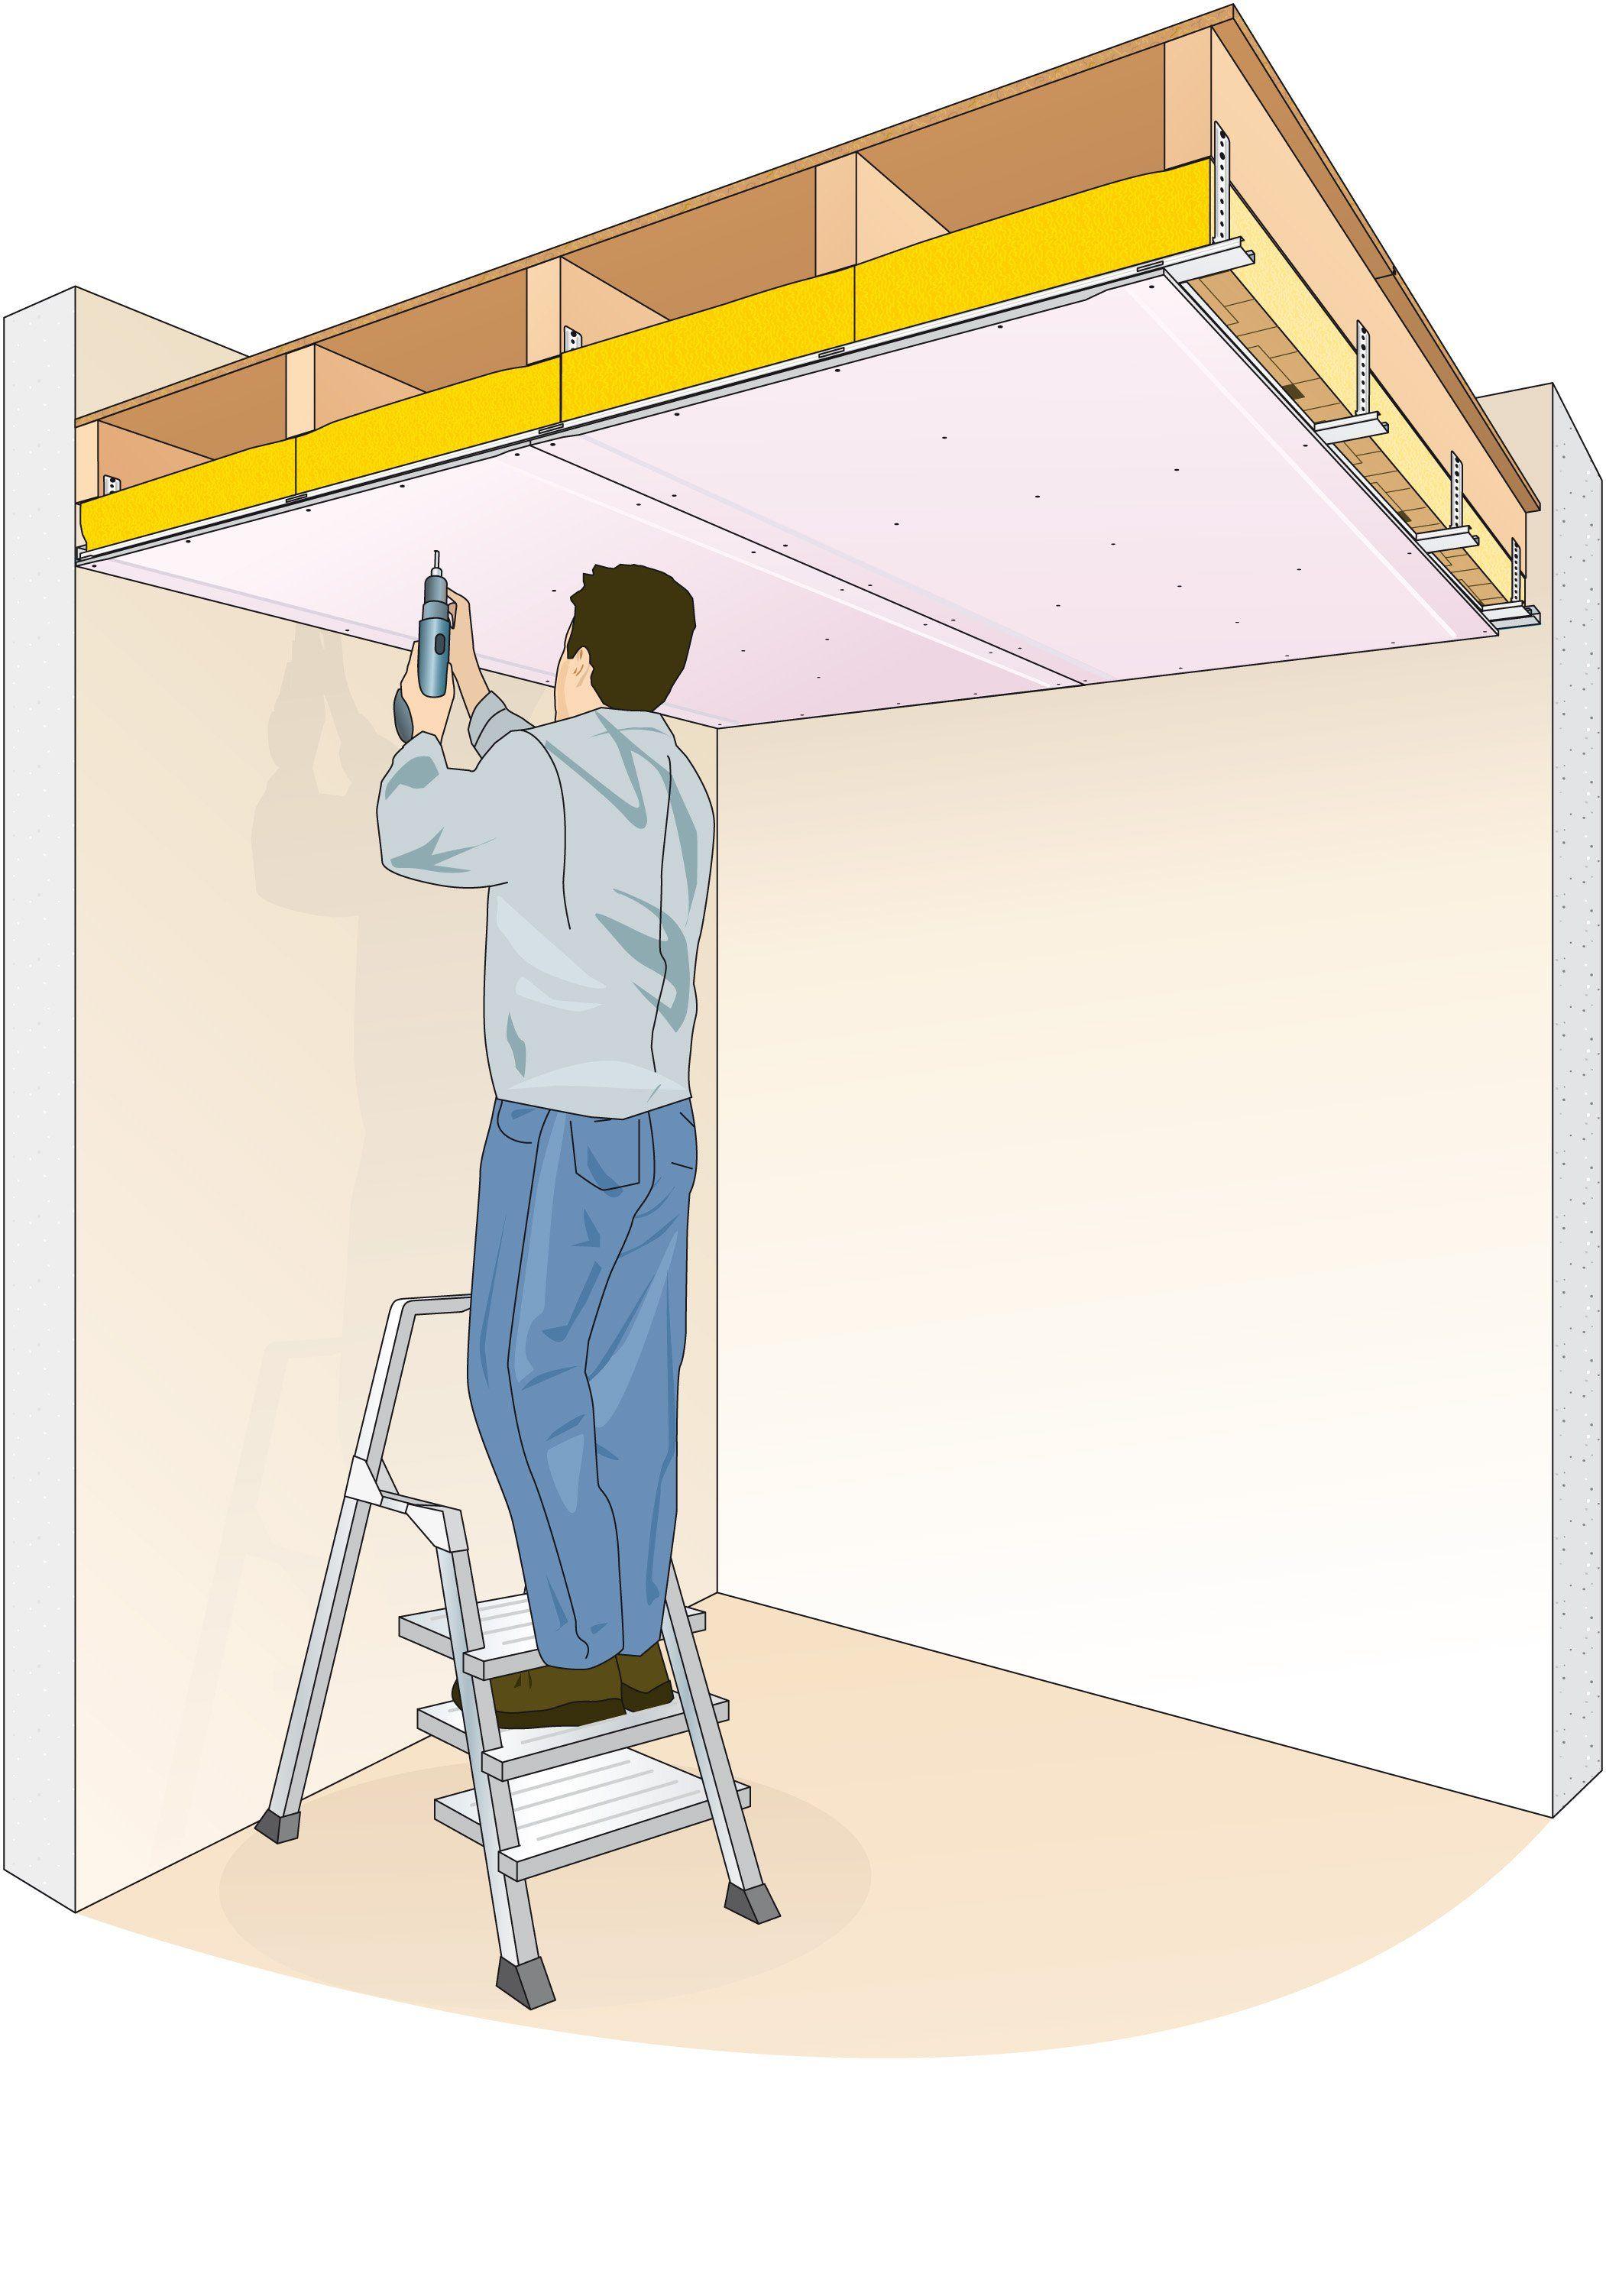 Comment Isoler Un Plafond Contre Le Bruit Épinglé par tekven sur projekty na vyskúšanie en 2020